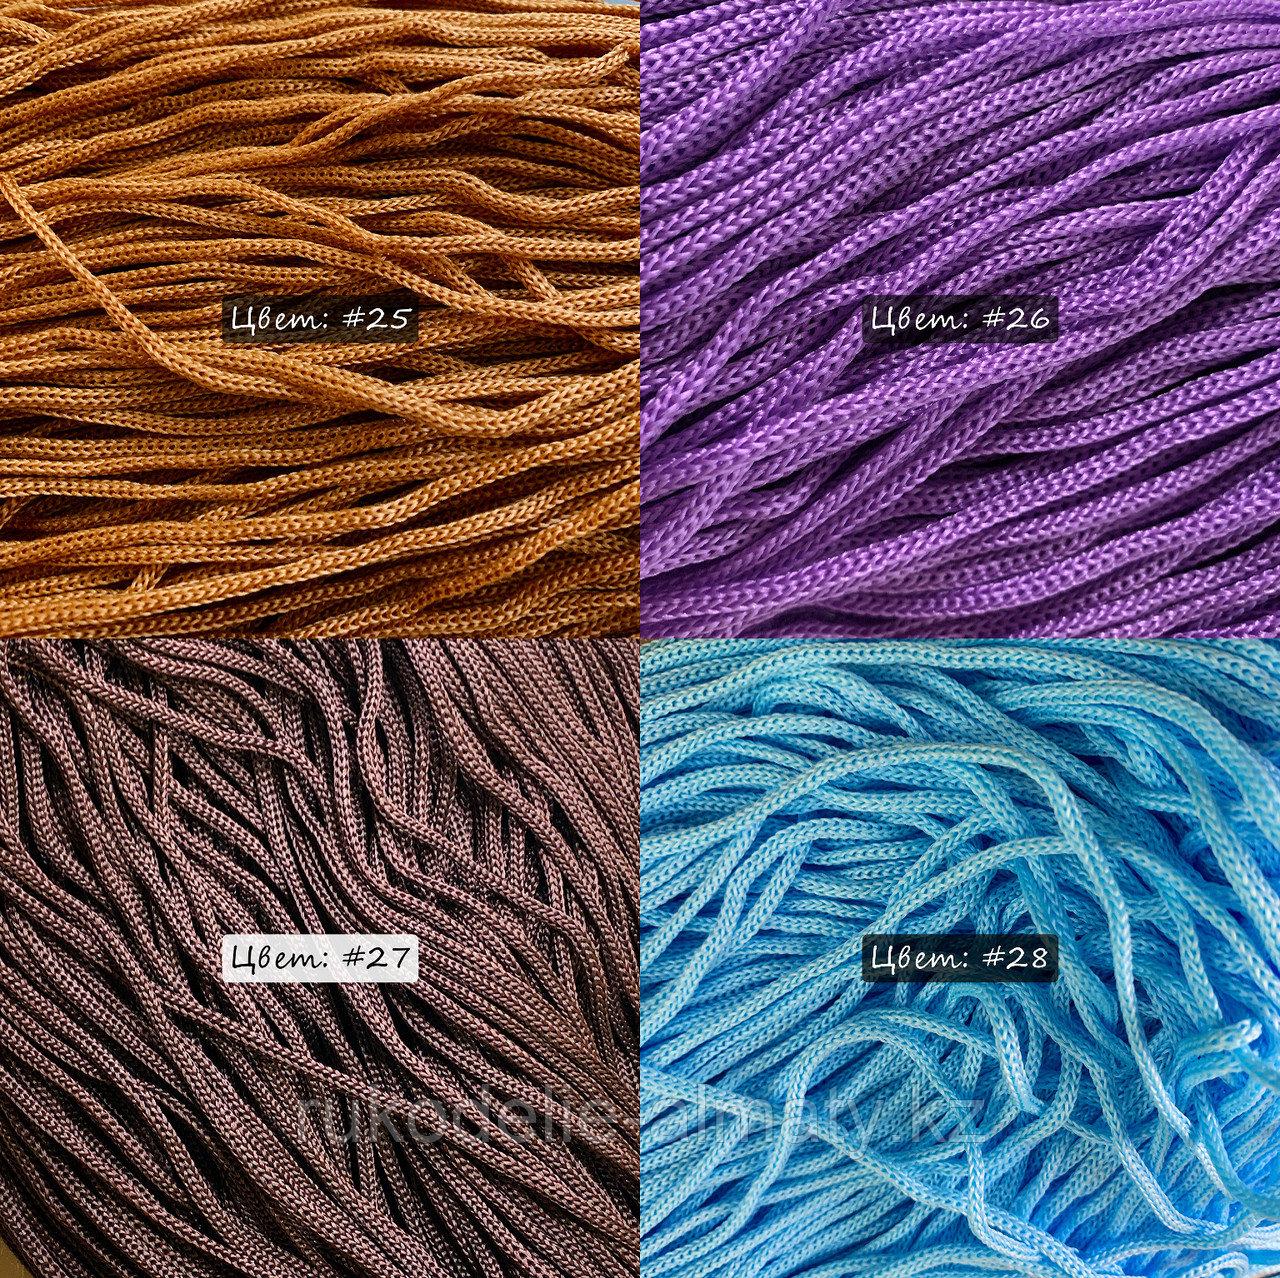 Полиэфирный шнур без сердечника, 3мм, пасма коричневый - фото 3